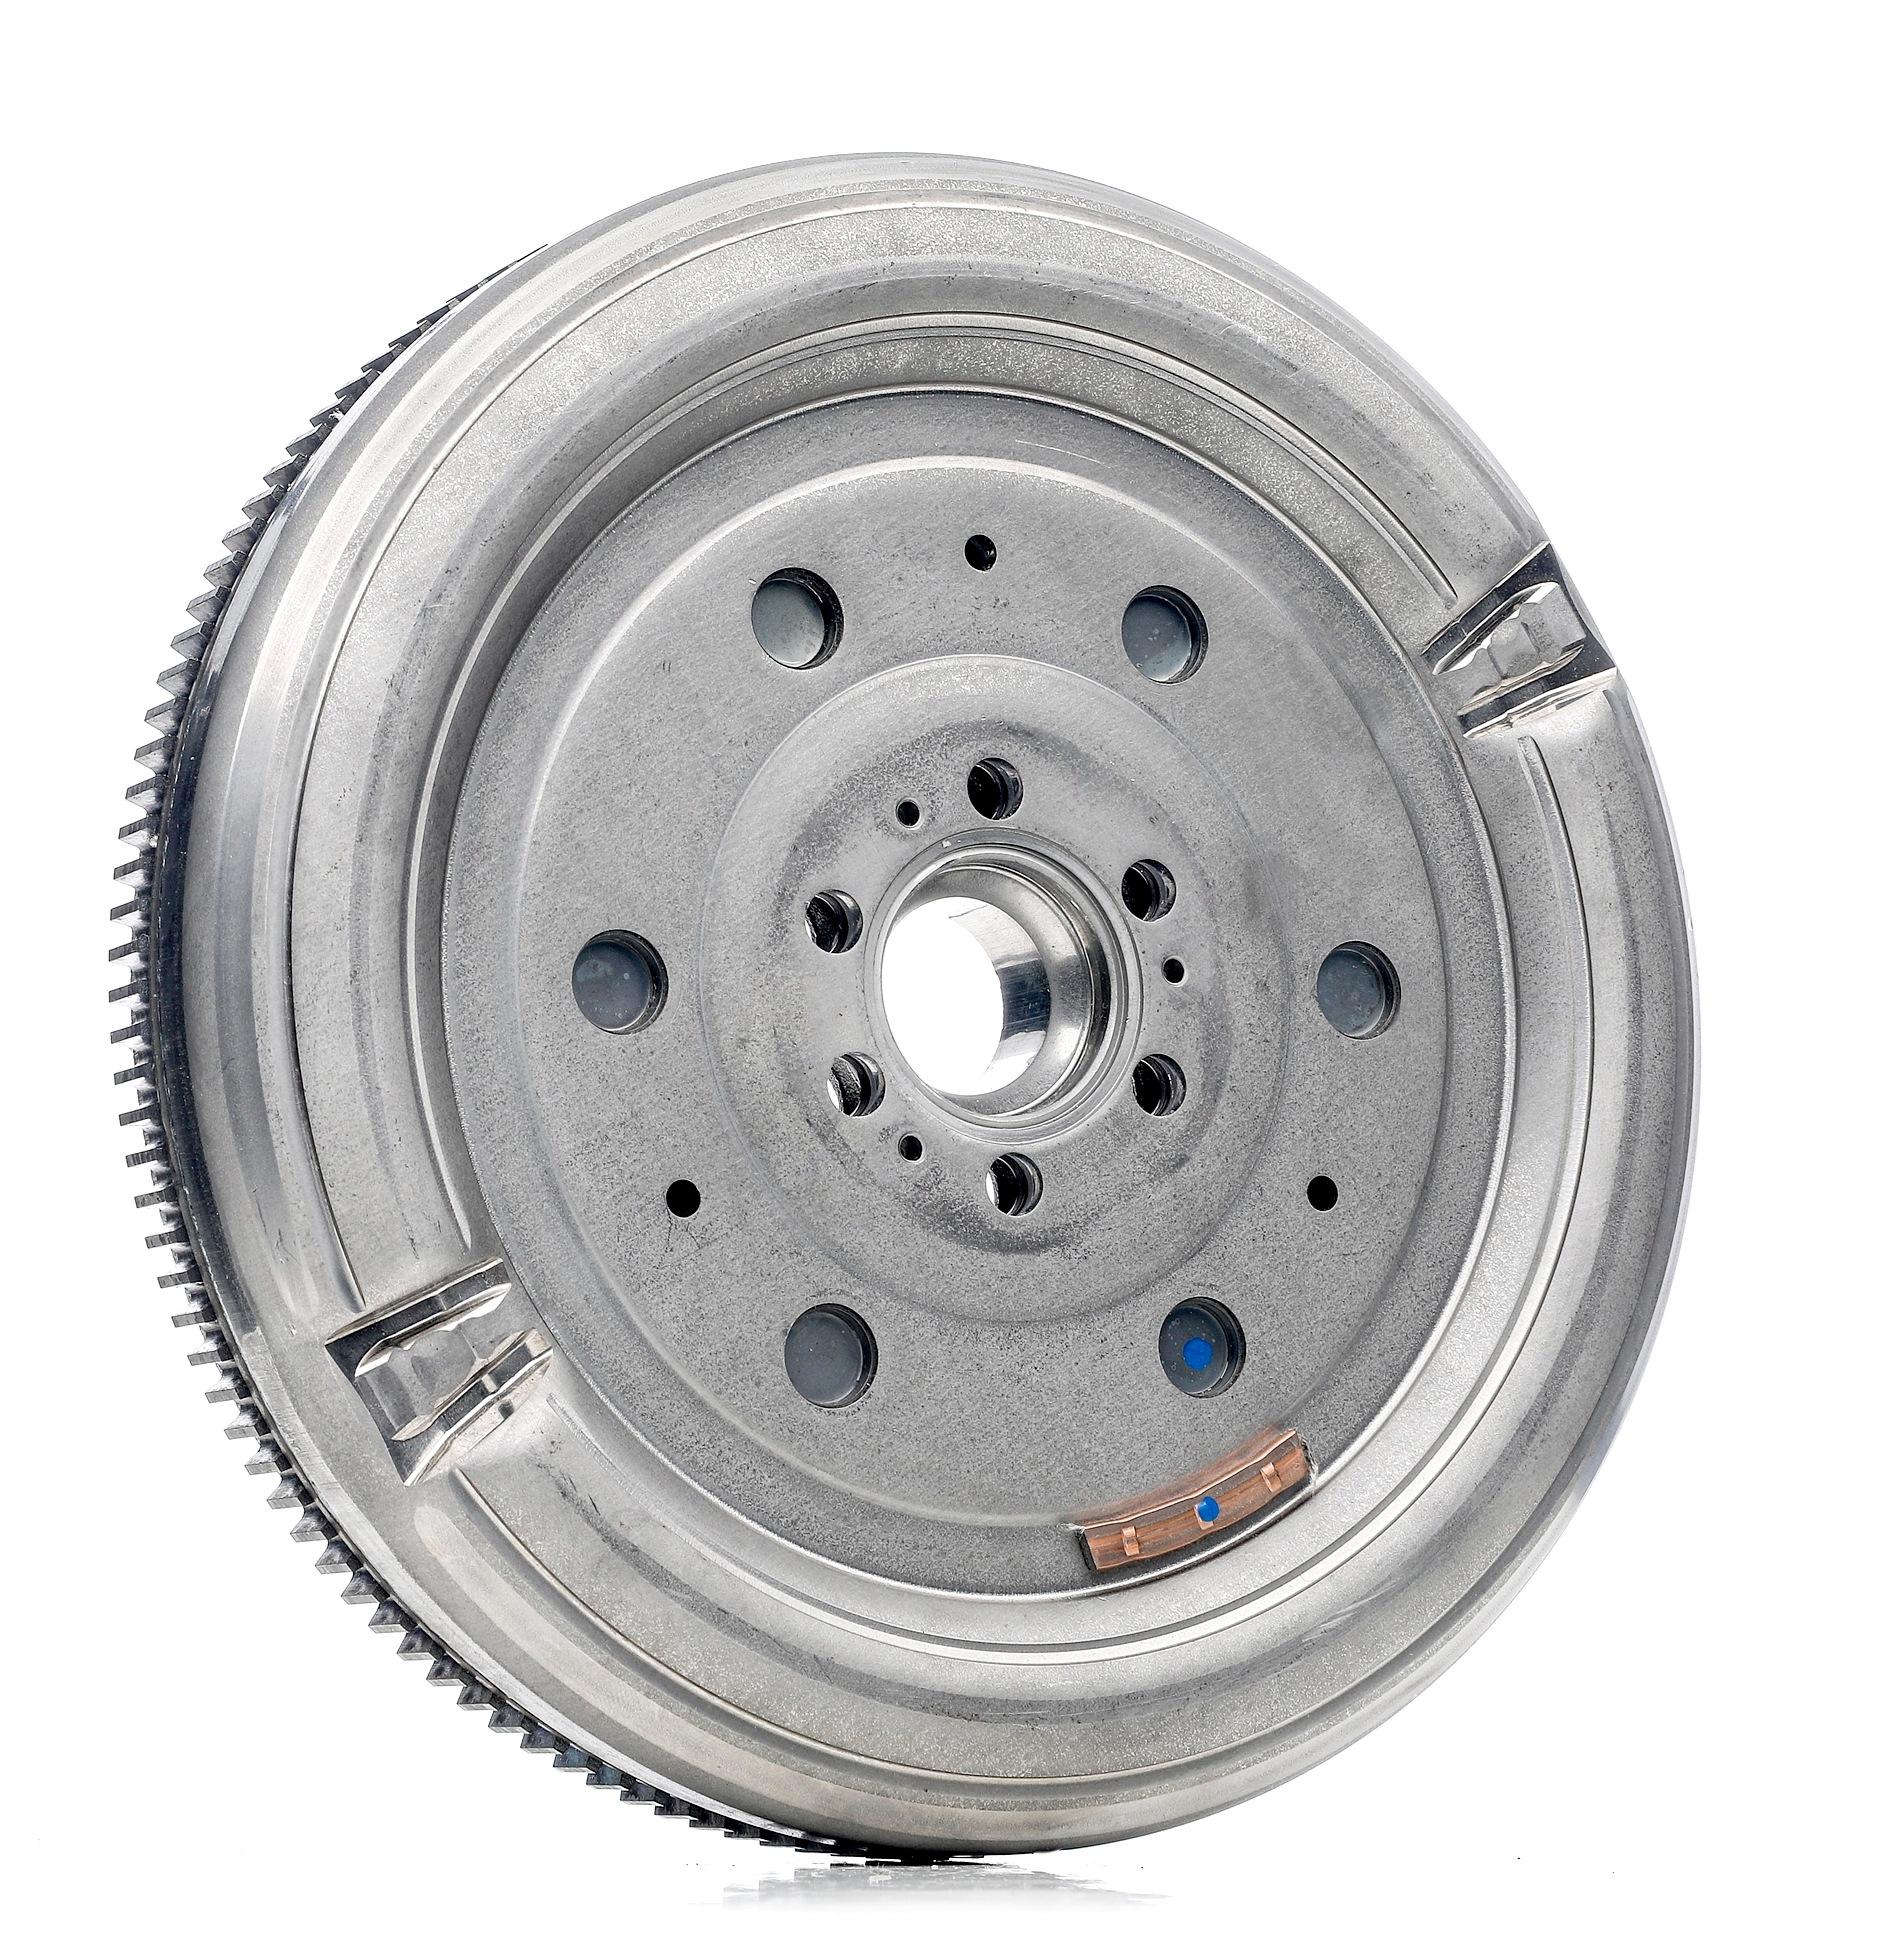 Buy original Gearbox LuK 415 0331 10